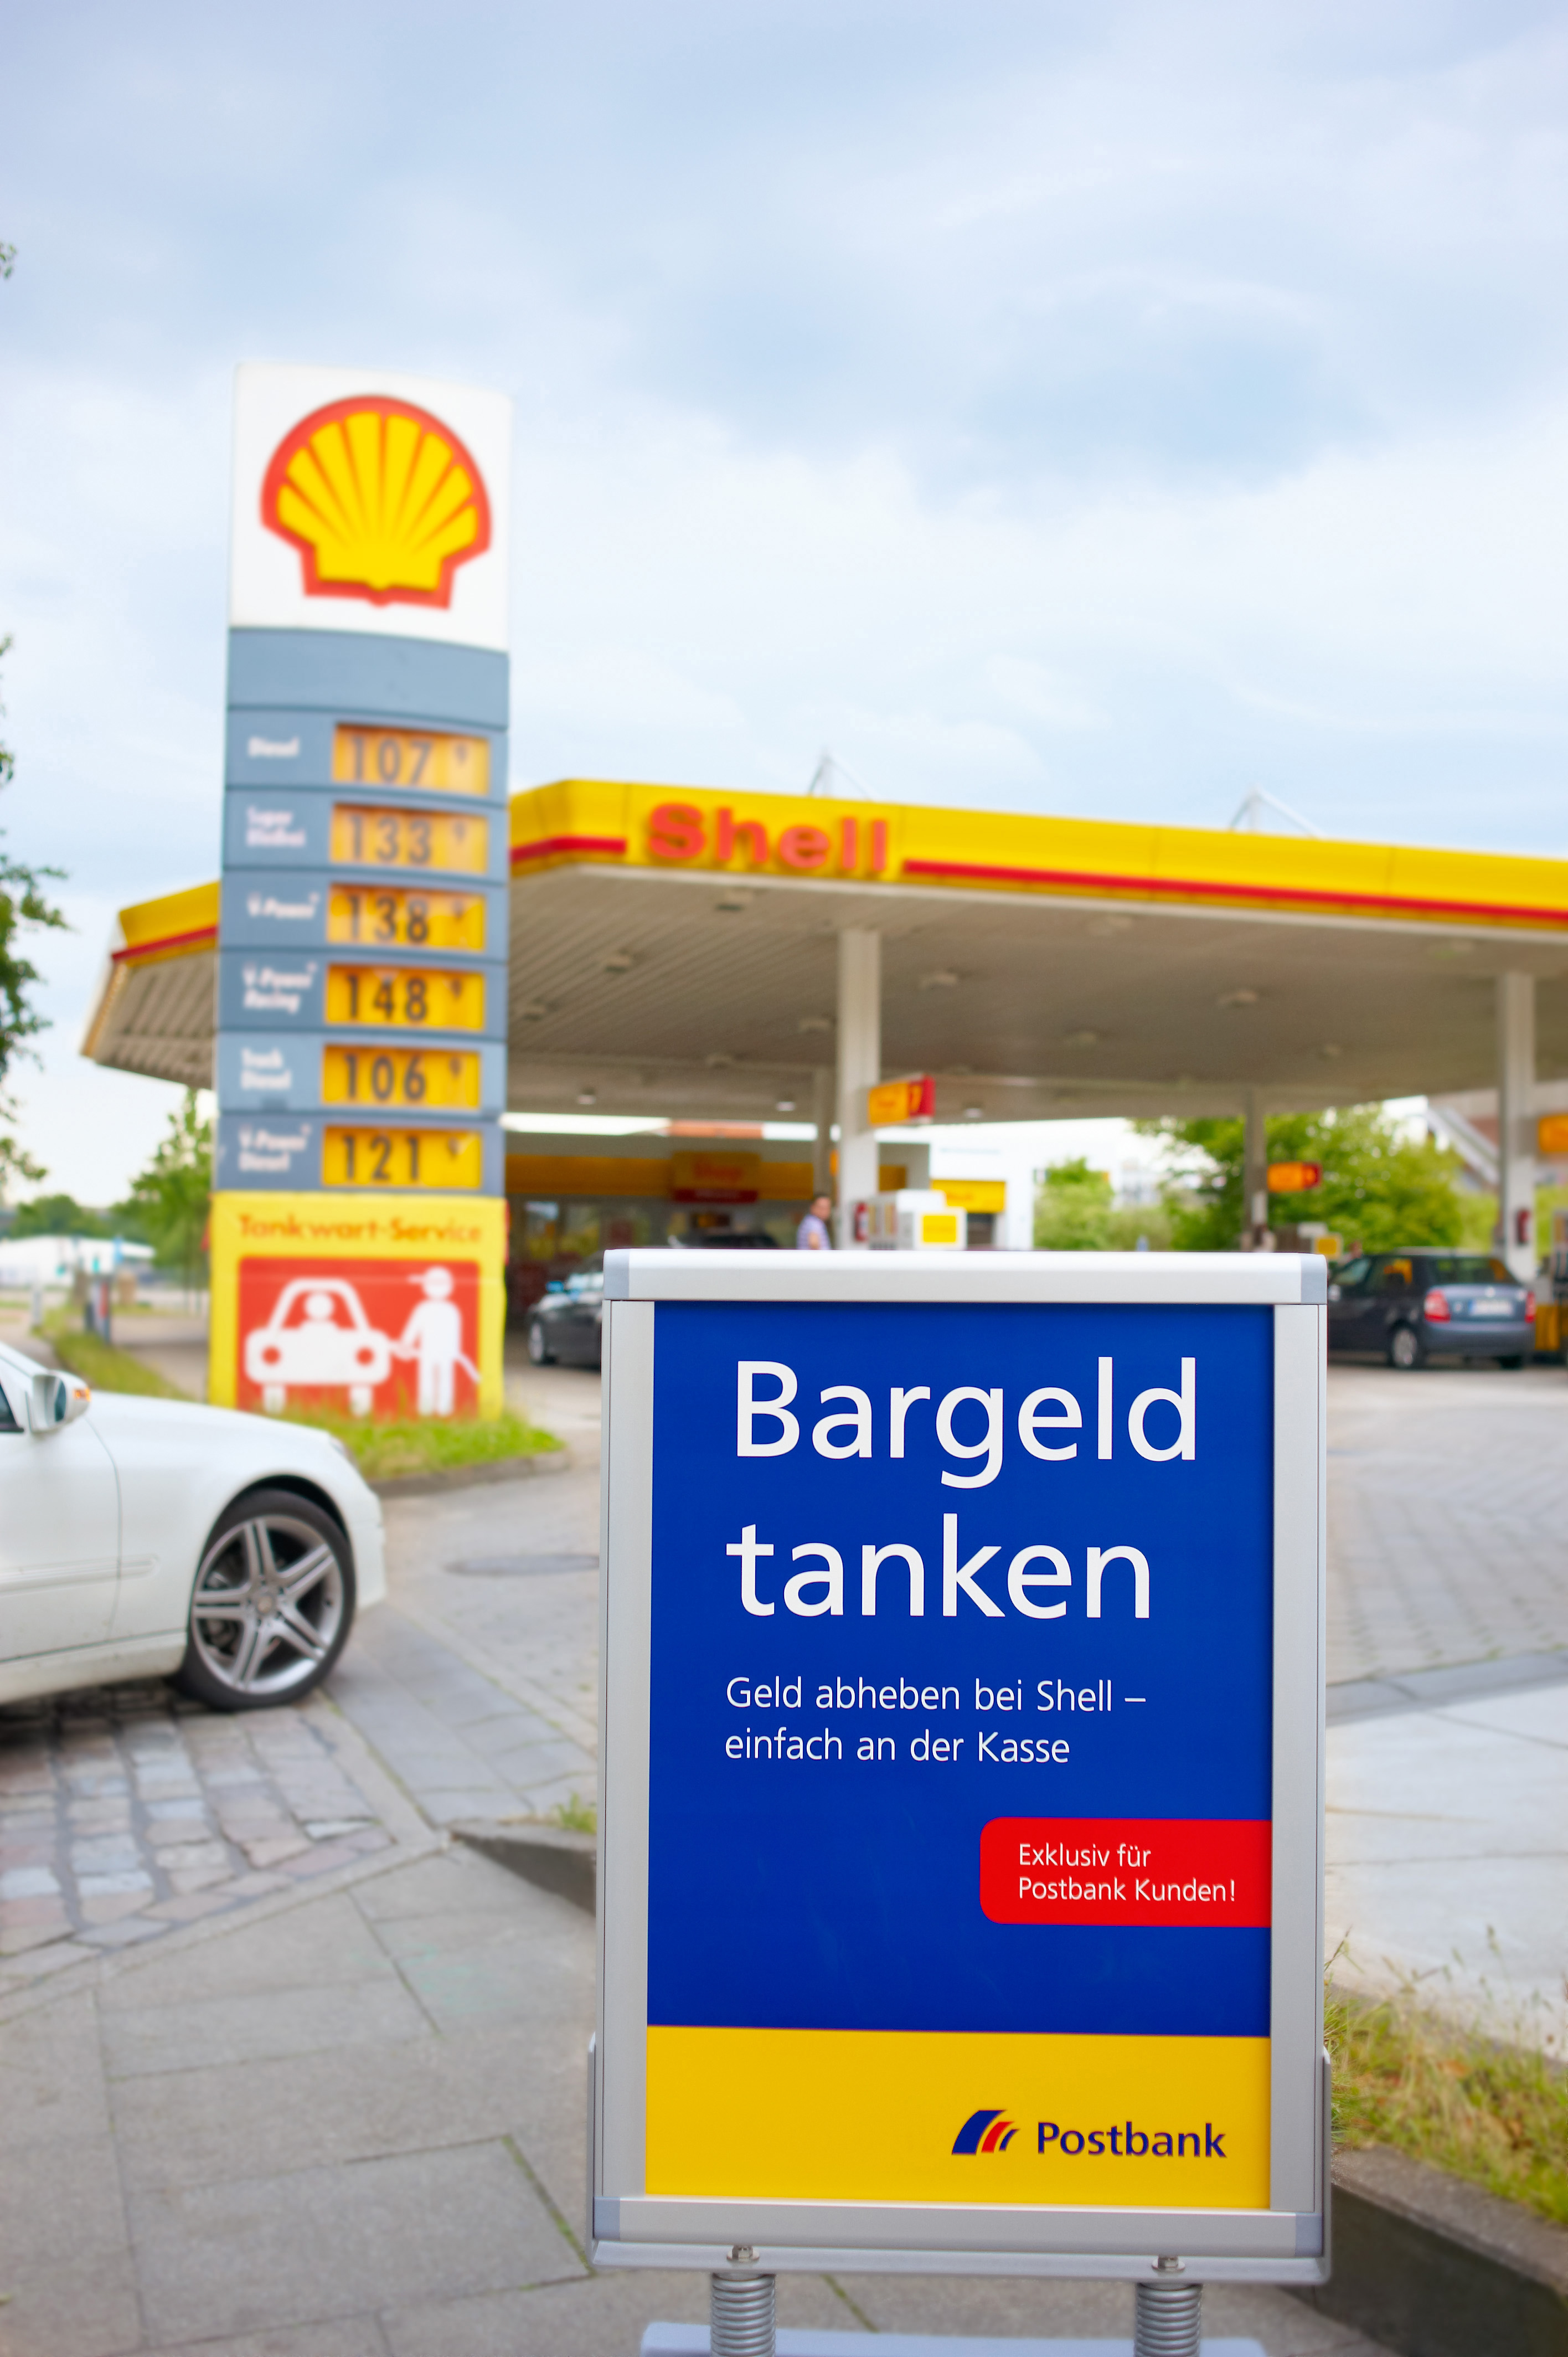 shell rabatt postbank